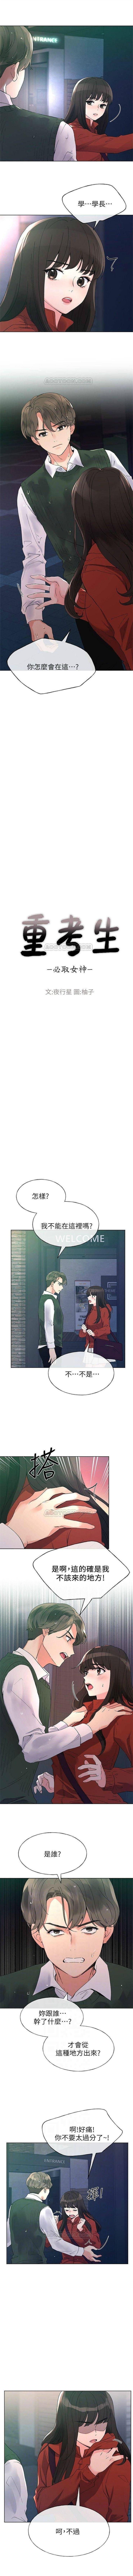 (週5)重考生 1-52 中文翻譯(更新中) 295